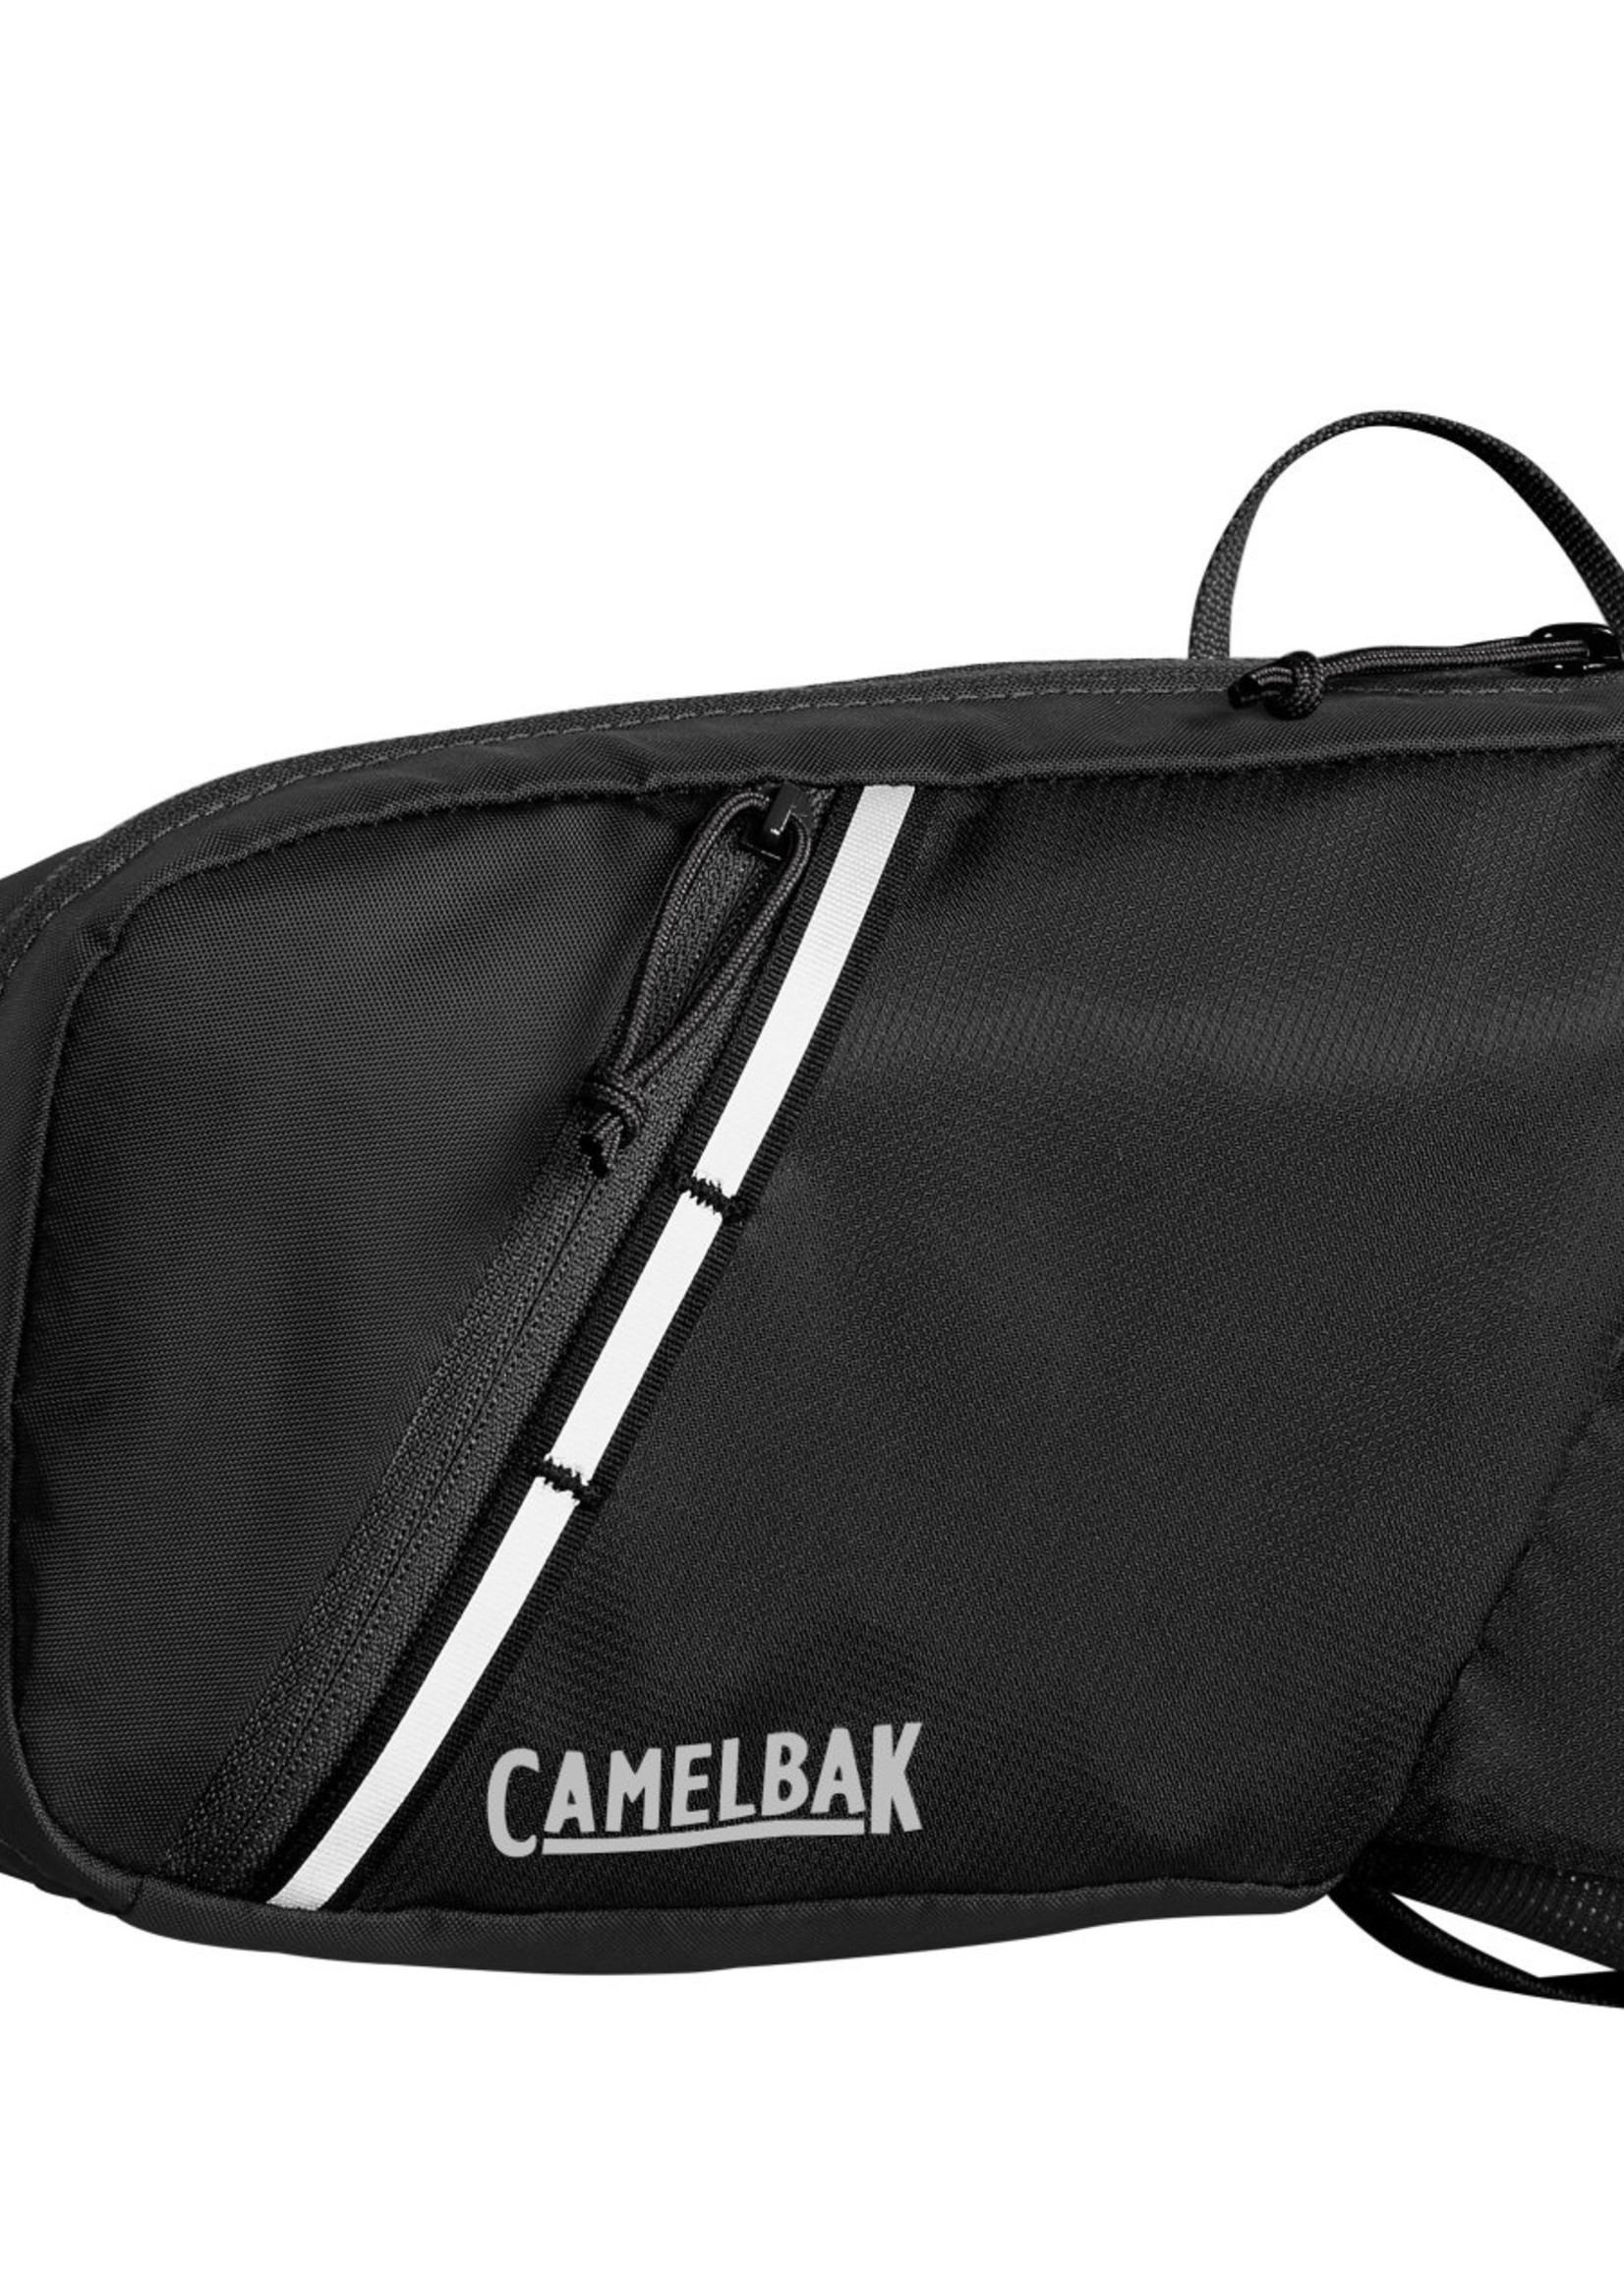 CamelBak CamelBak Podium Flow Belt